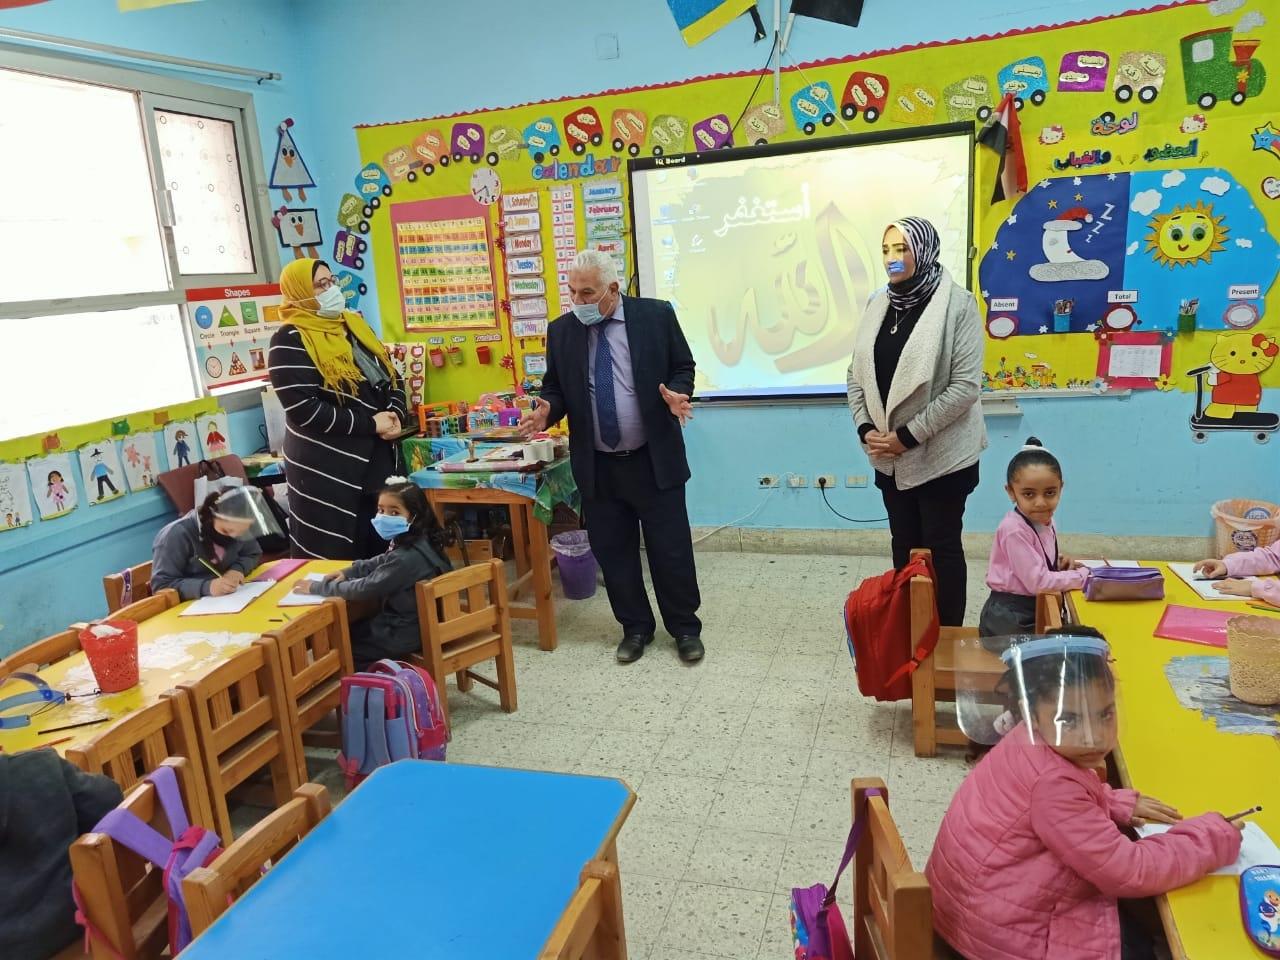 وكيل تعليم الإسكندرية: انتظام العملية التعليمية بالمحافظة واستعداد جميع مدارس لاستقبال الطلاب